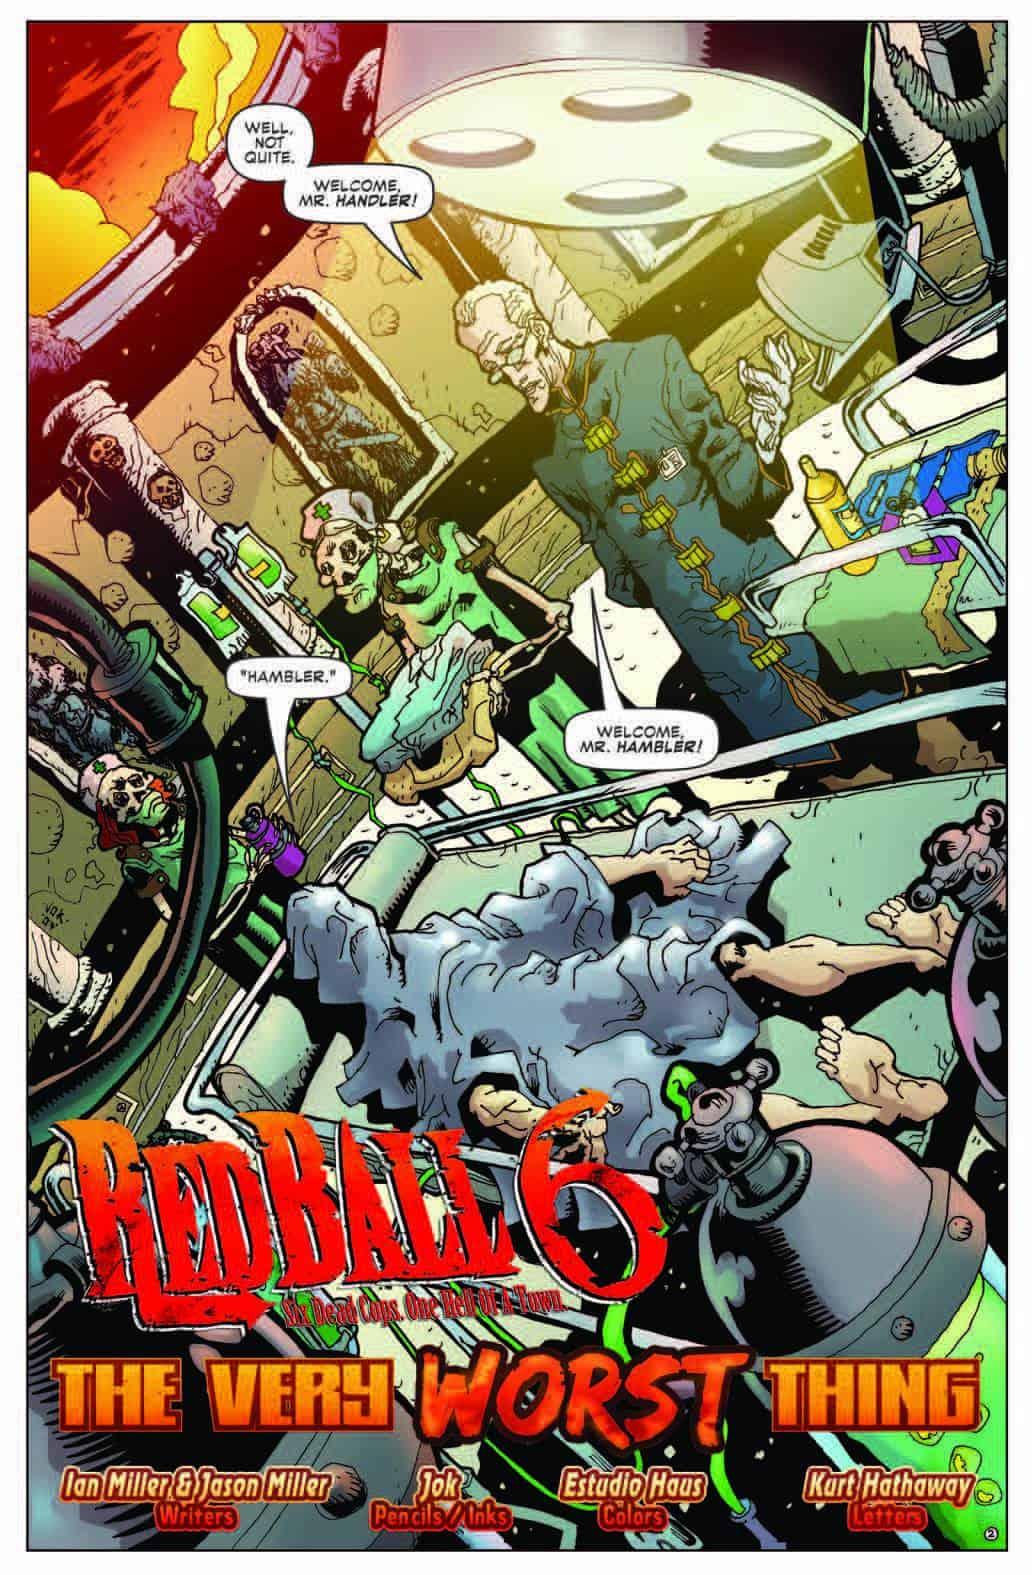 Redball 6 4